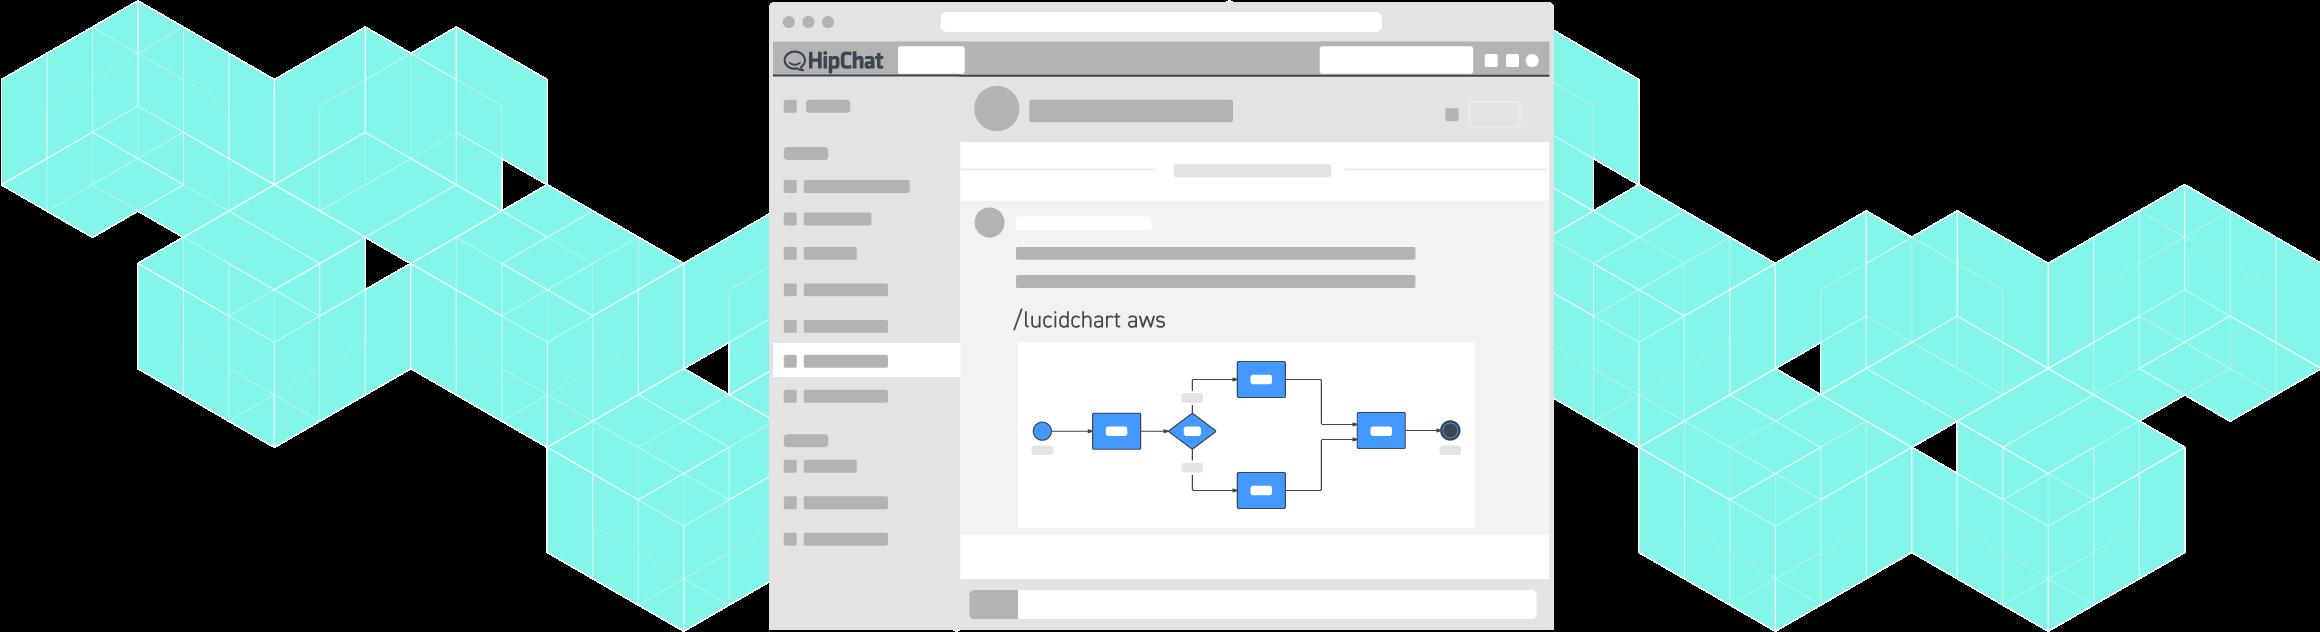 Lucidchart for HipChat app